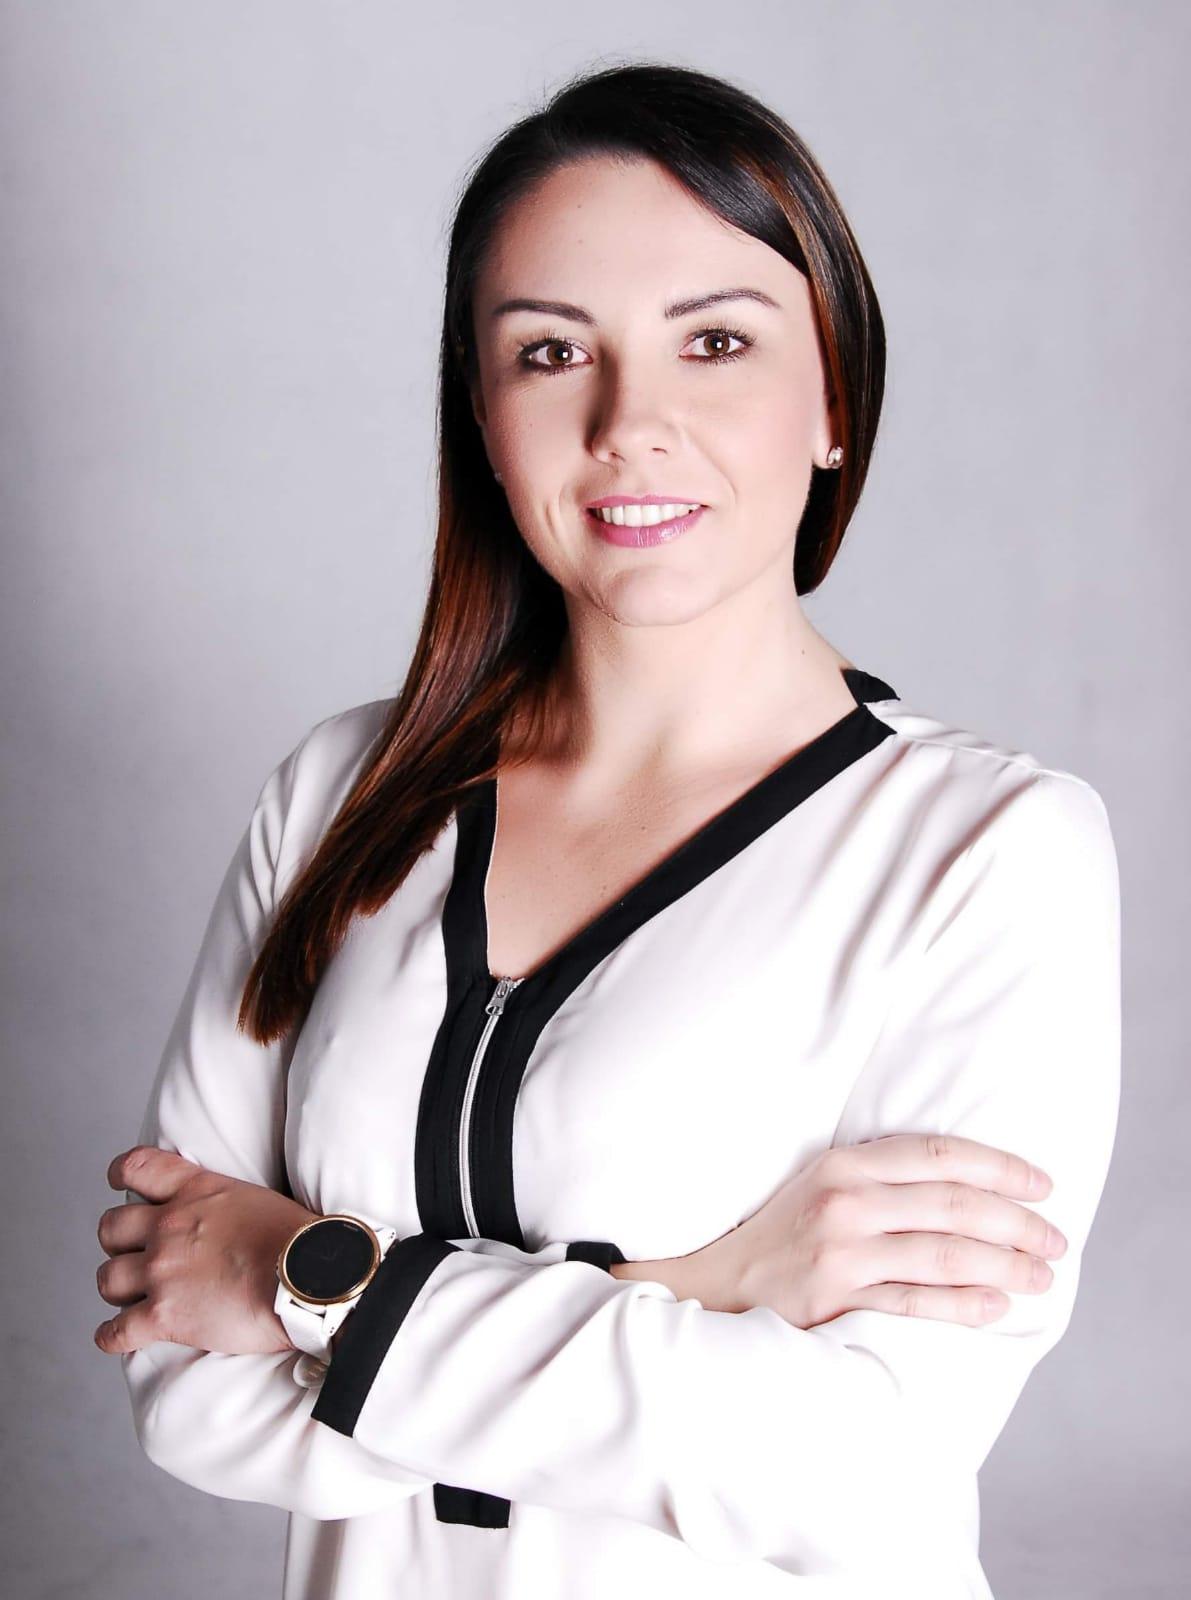 Martyna Murawiecka